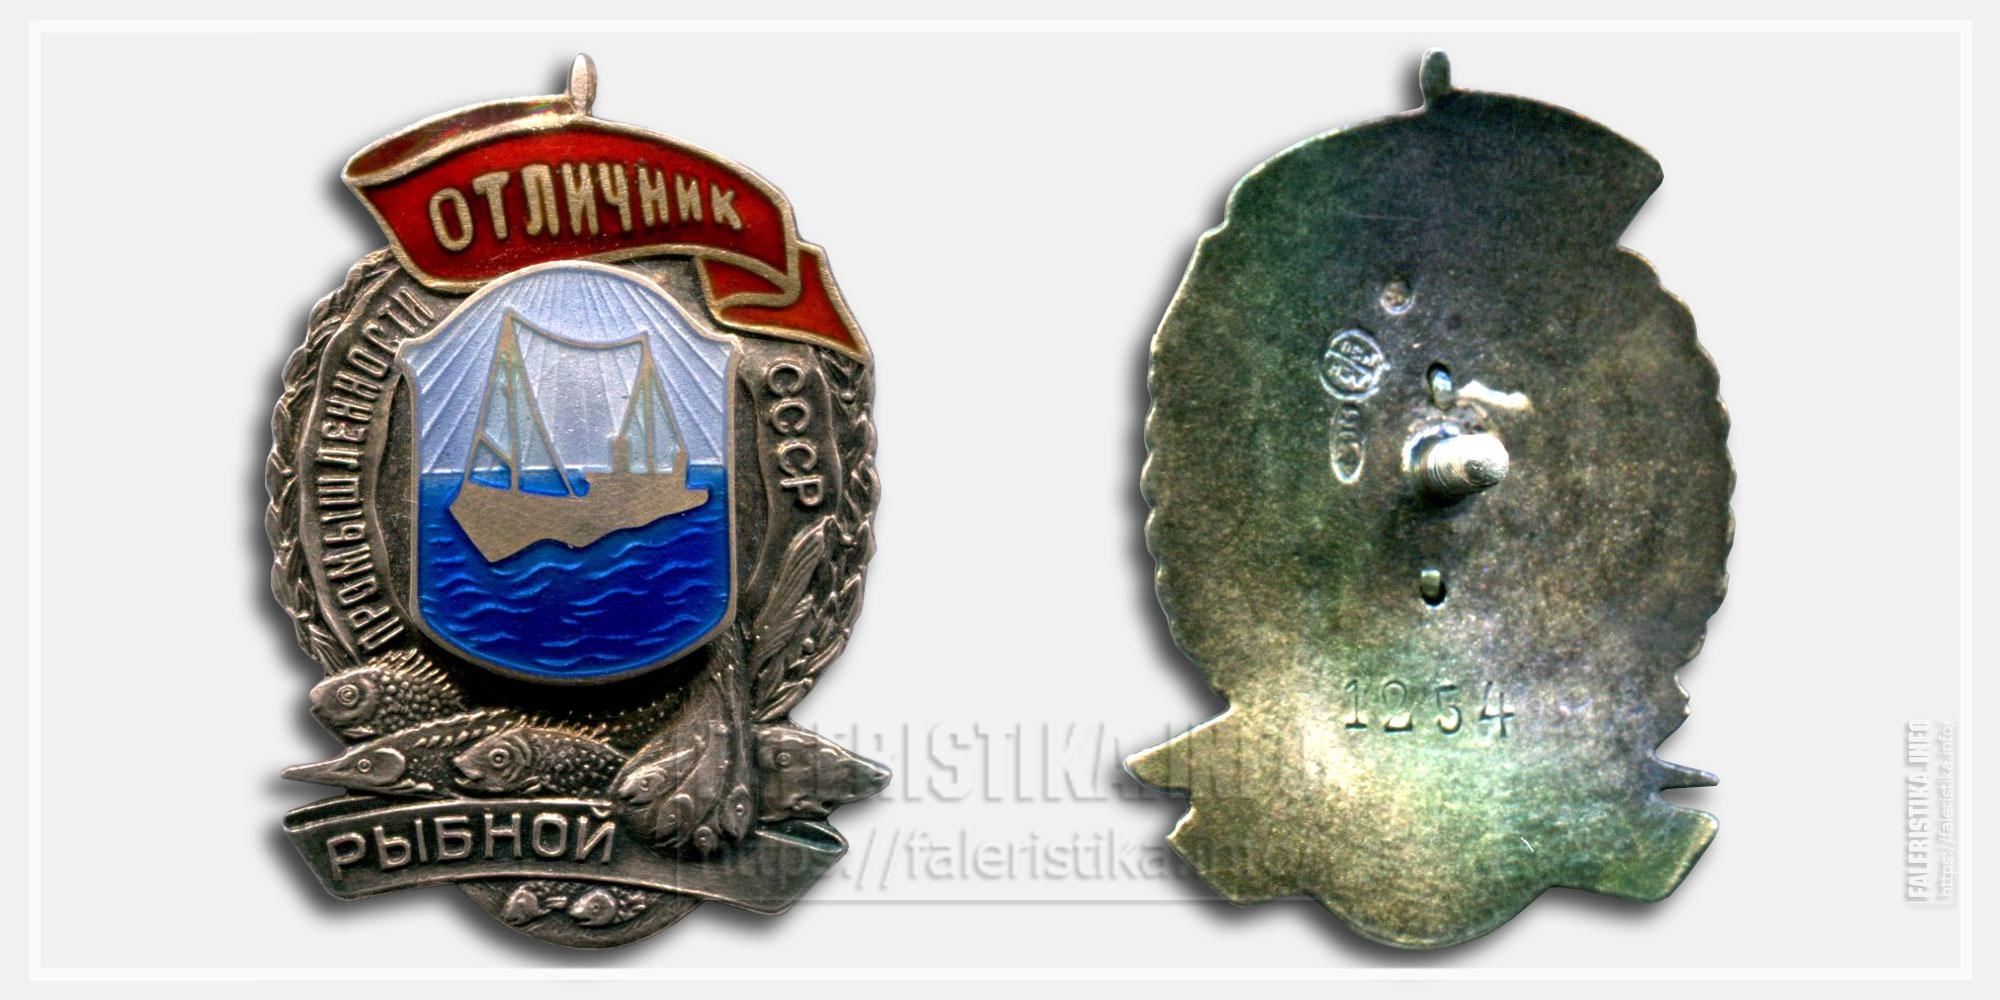 Отличник рыбной промышленности СССР